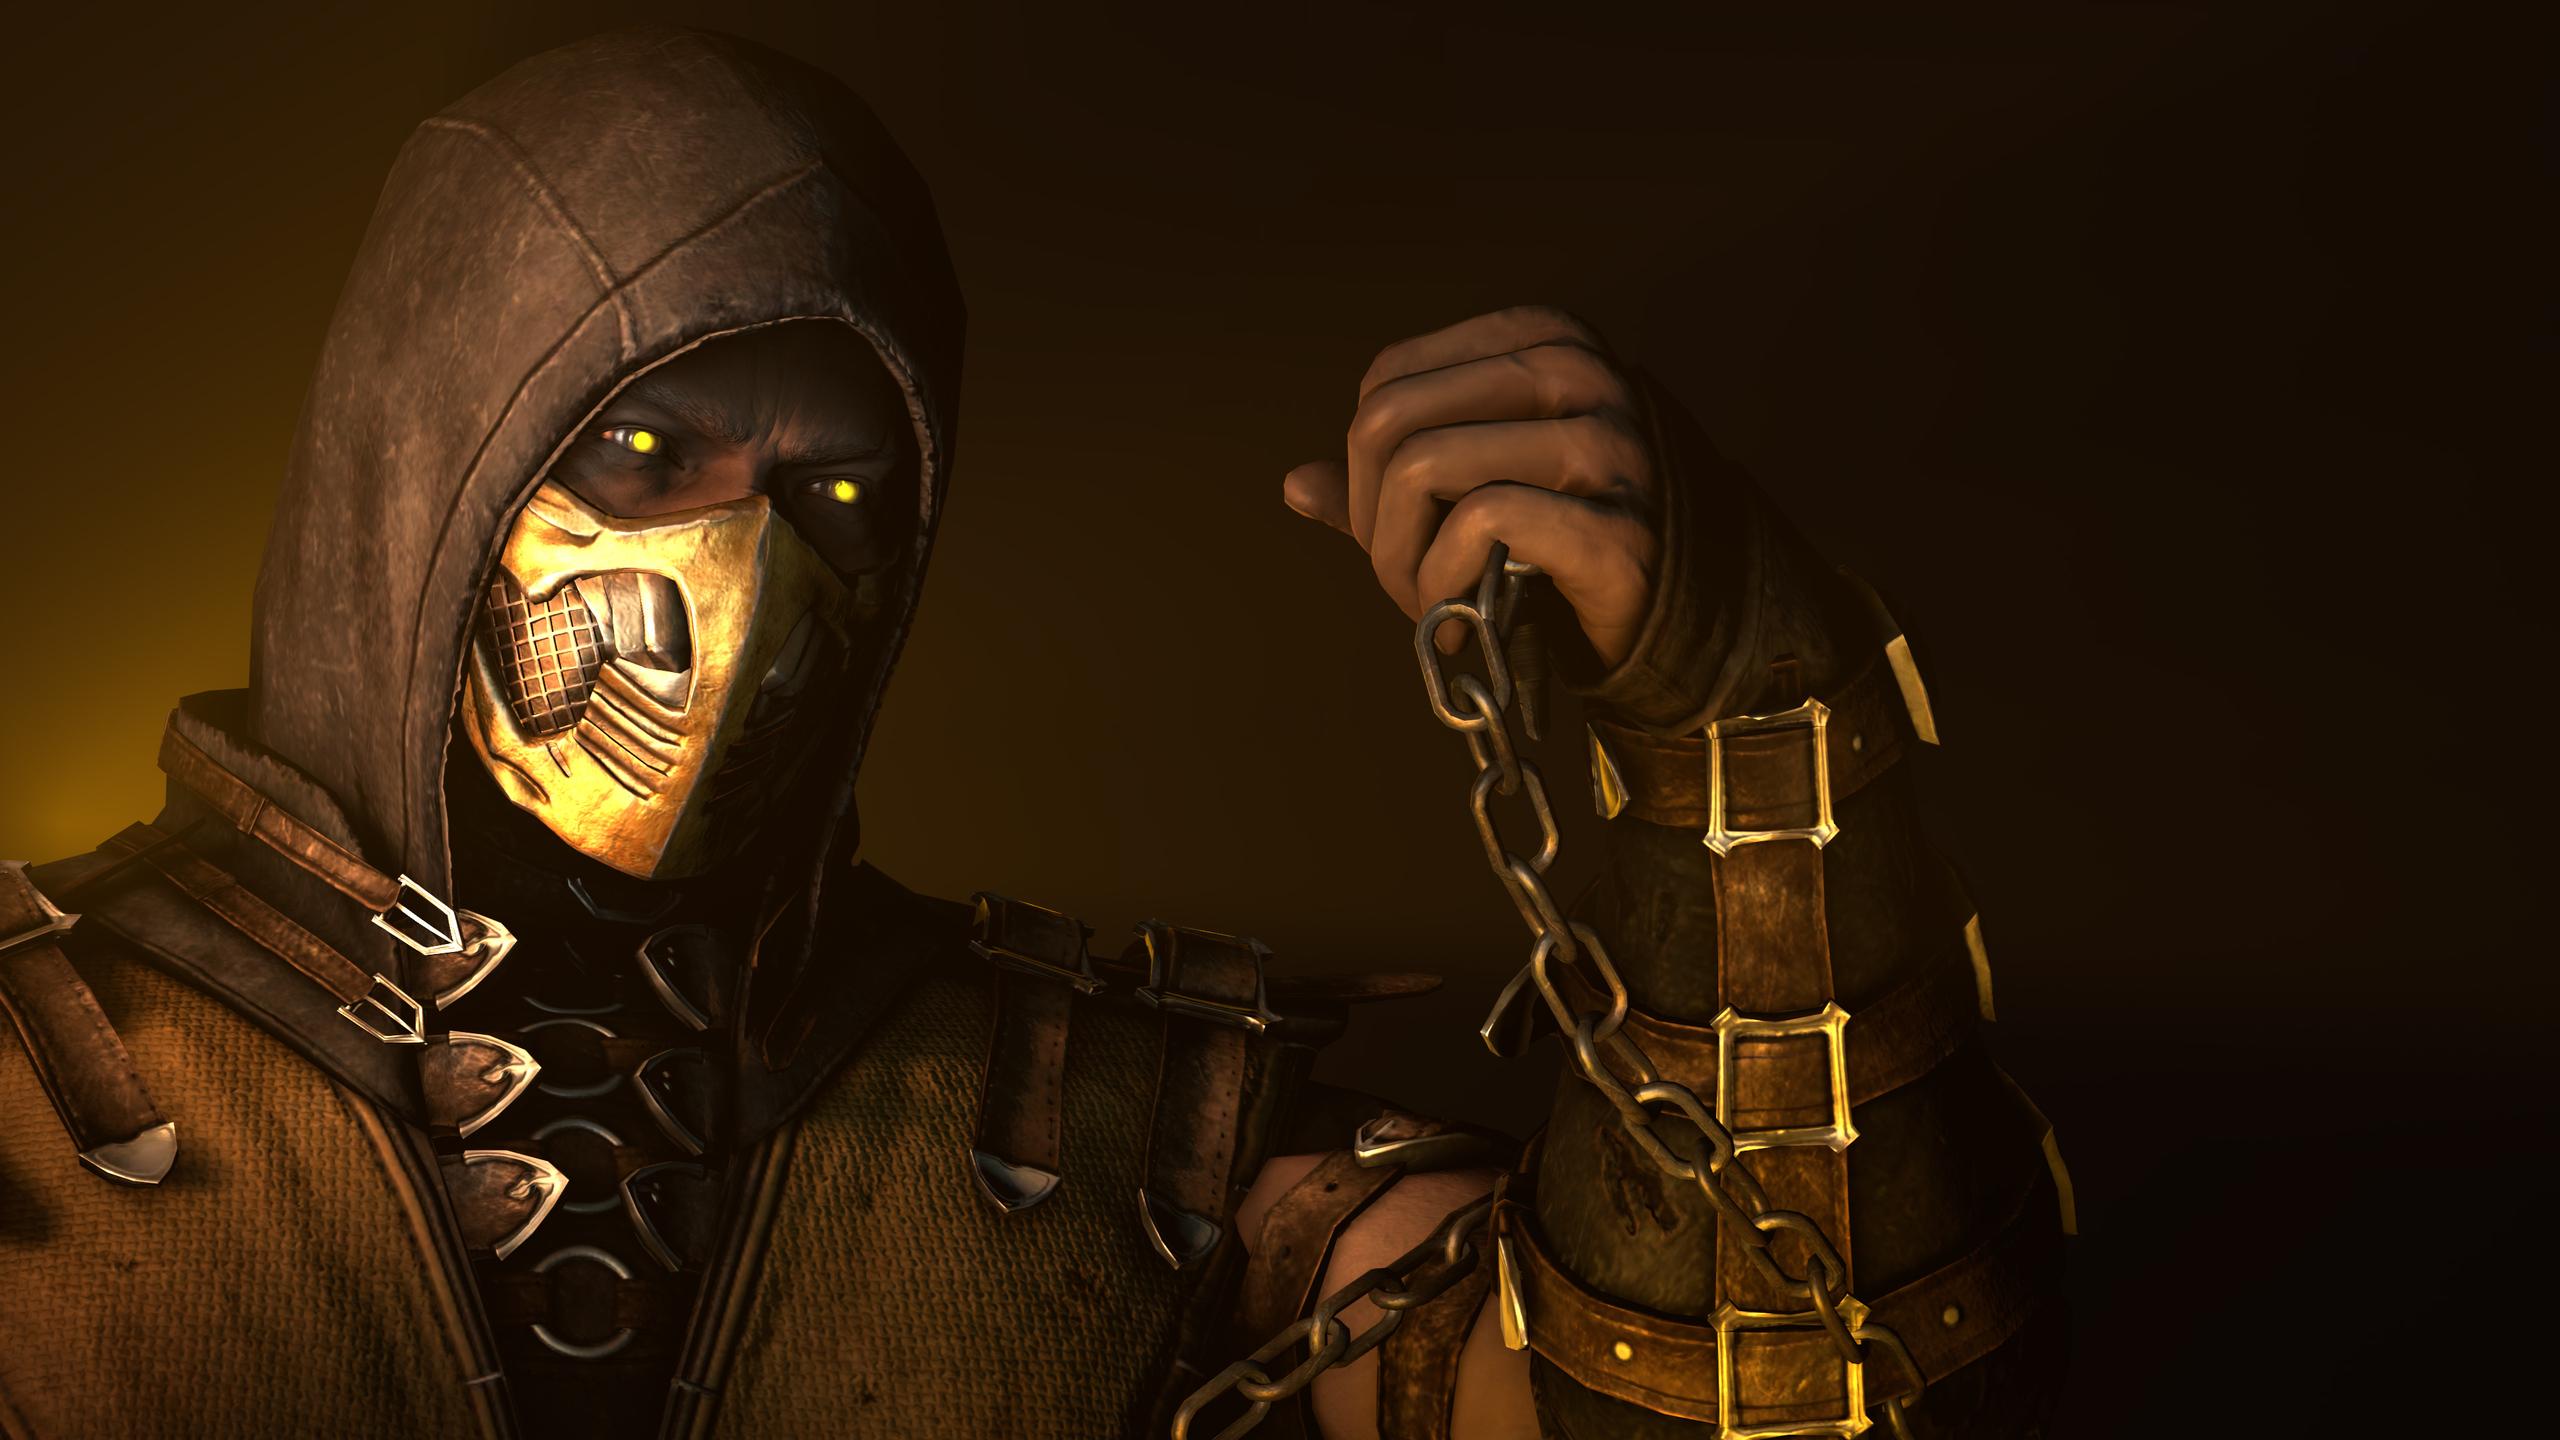 2560x1440 Scorpion Mortal Kombat X Poster 1440p Resolution Hd 4k